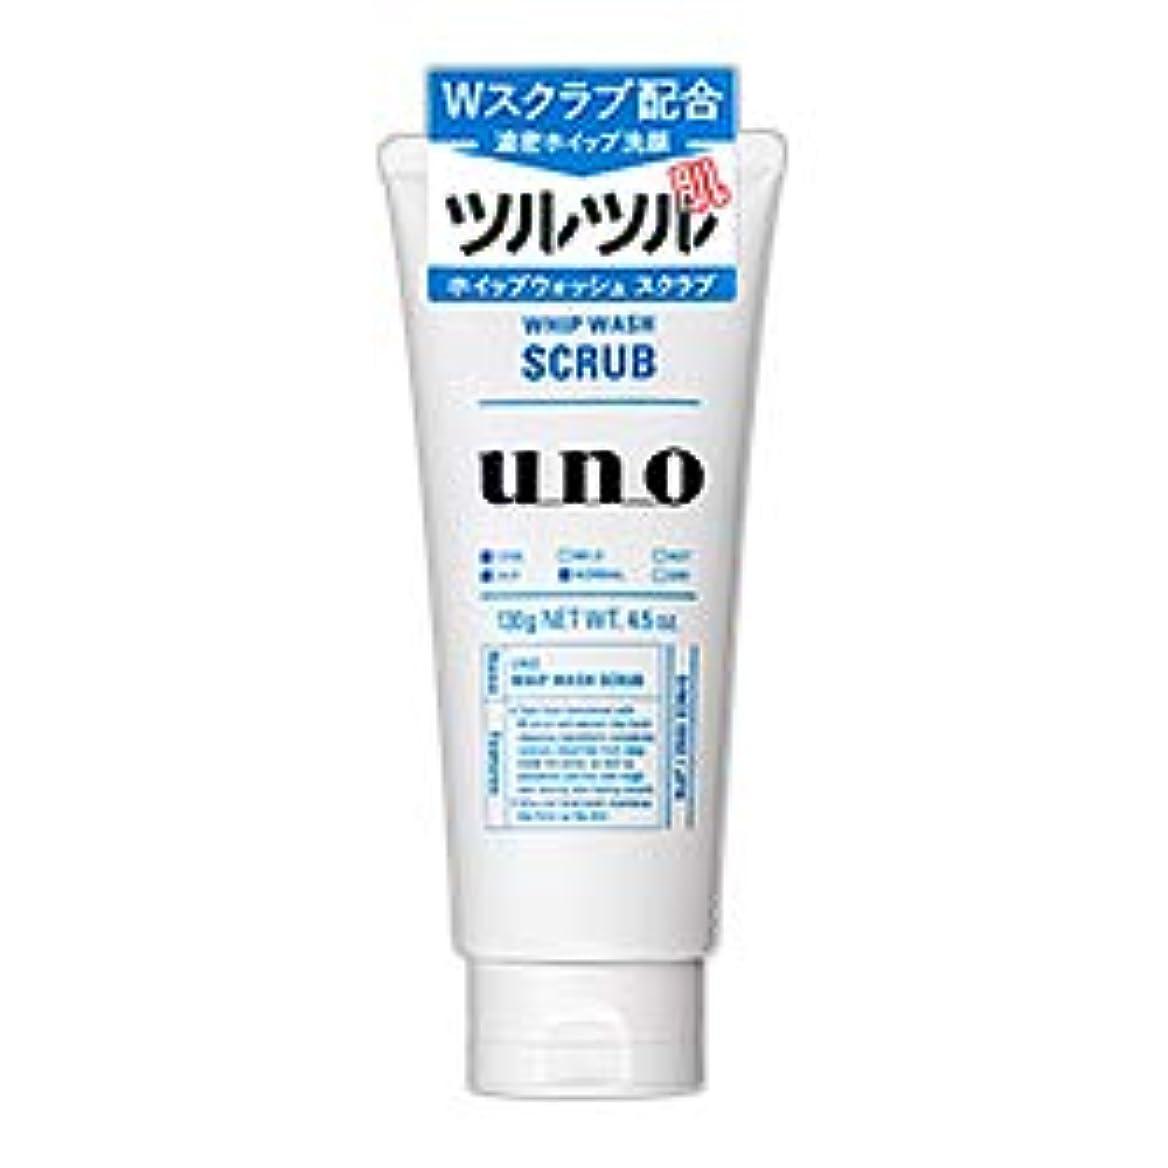 同一の将来の大工【資生堂】ウーノ(uno) ホイップウォッシュ (スクラブ) 130g ×4個セット